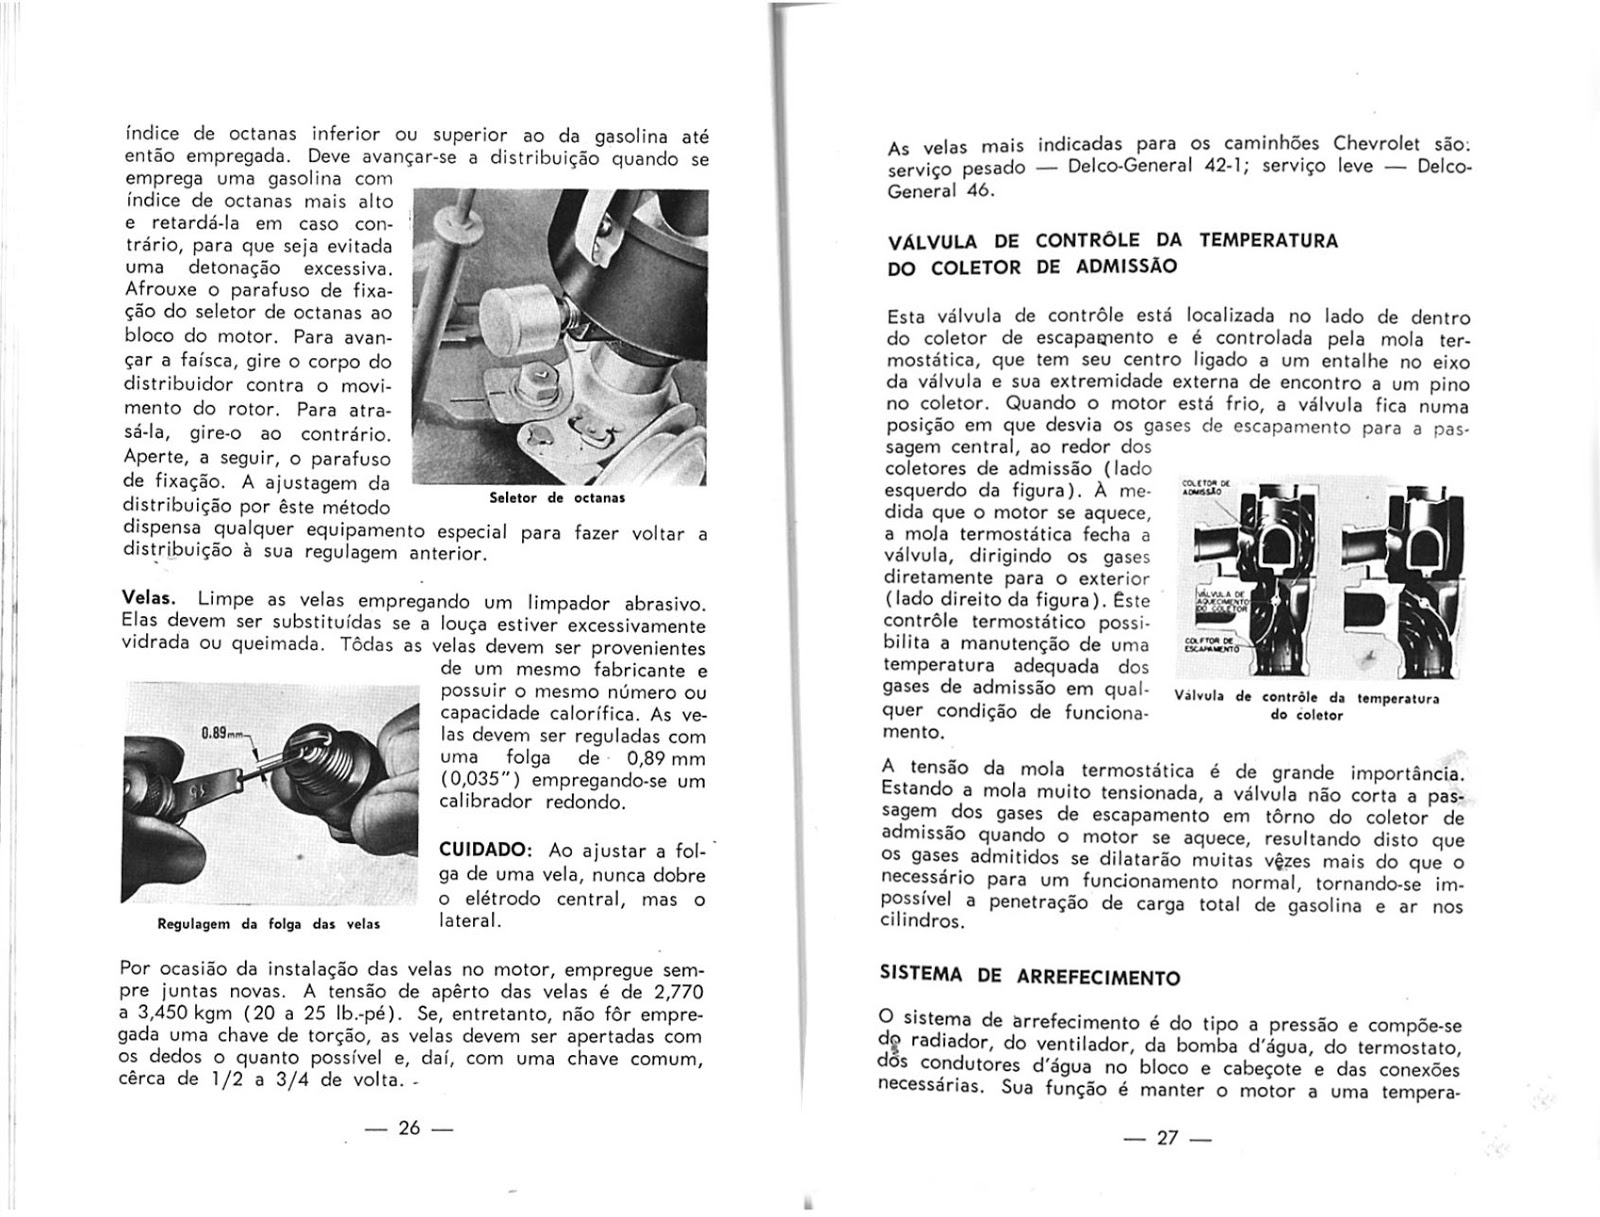 MANUAIS DO PROPRIETÁRIO: CAMINHÃO GM C60 E D60